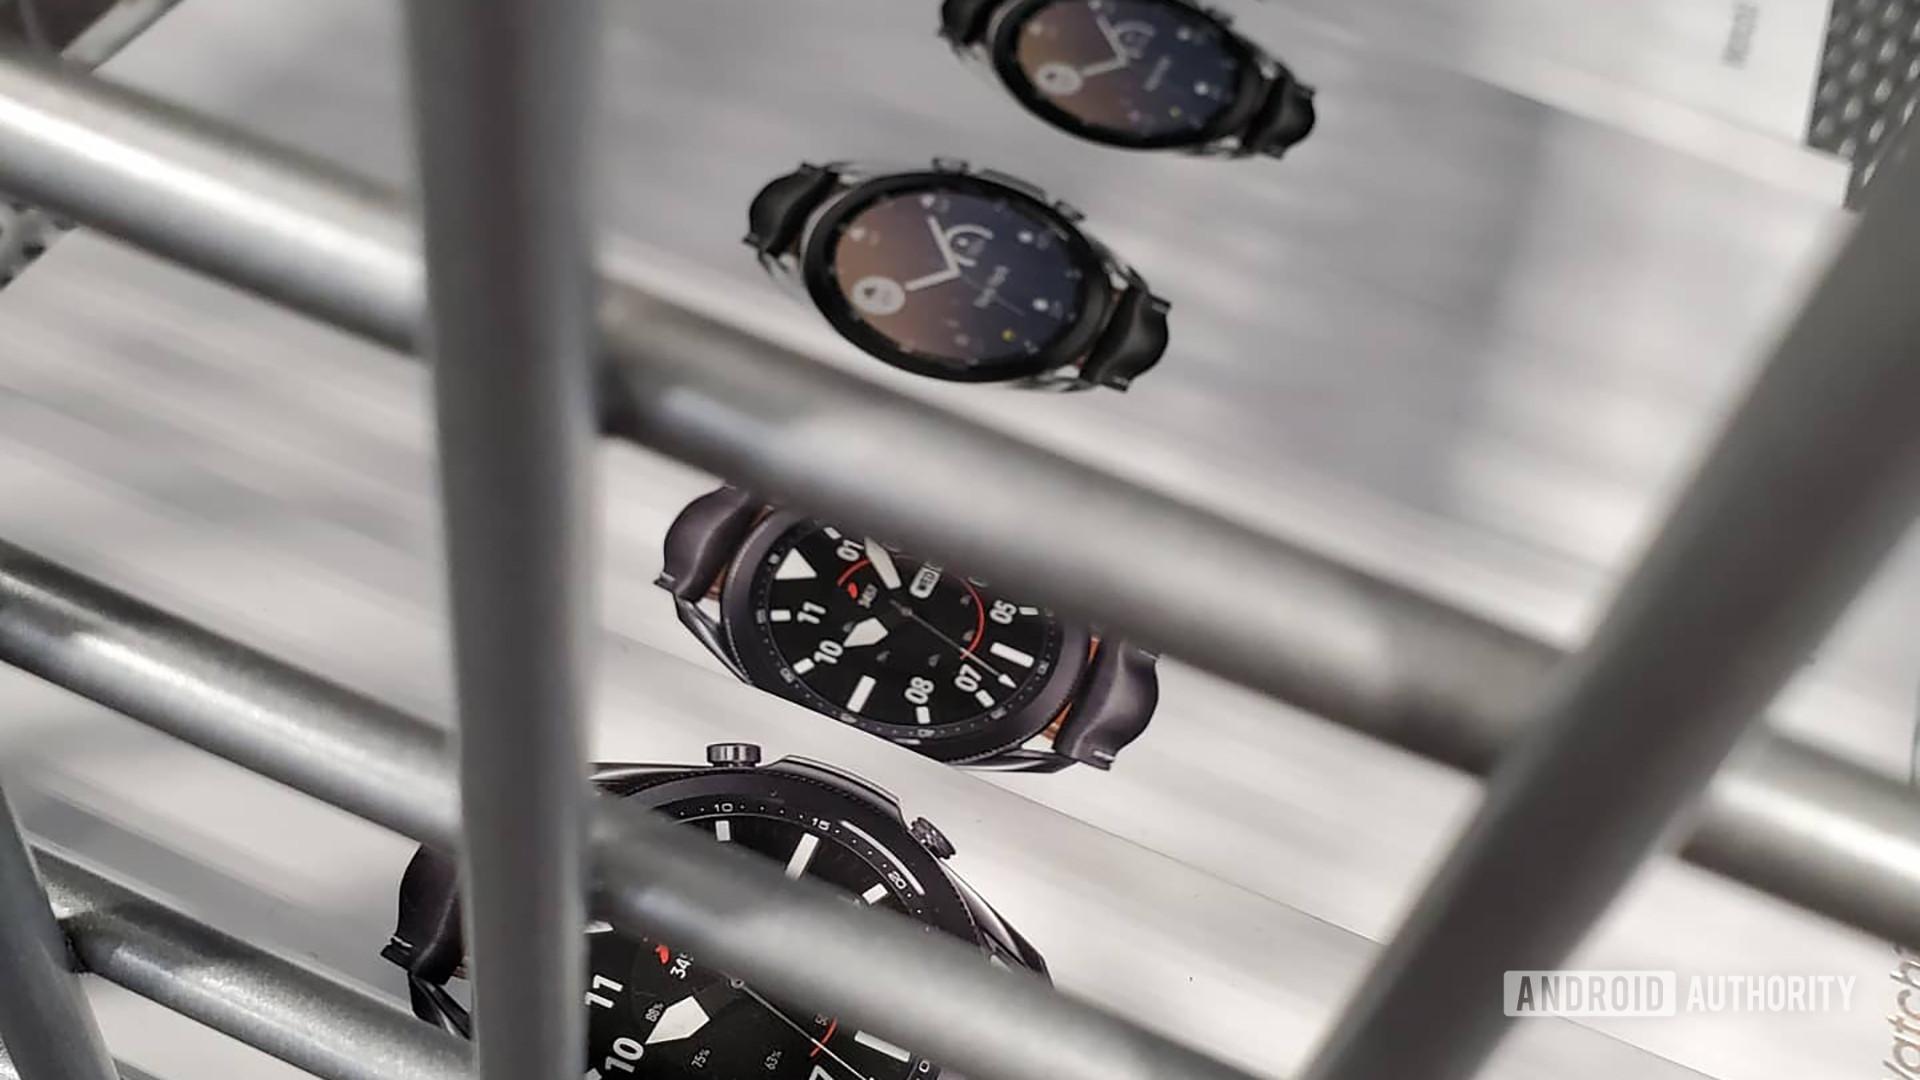 Samsung Gaalxy Watch 3 at Best Buy Pre Release Hero